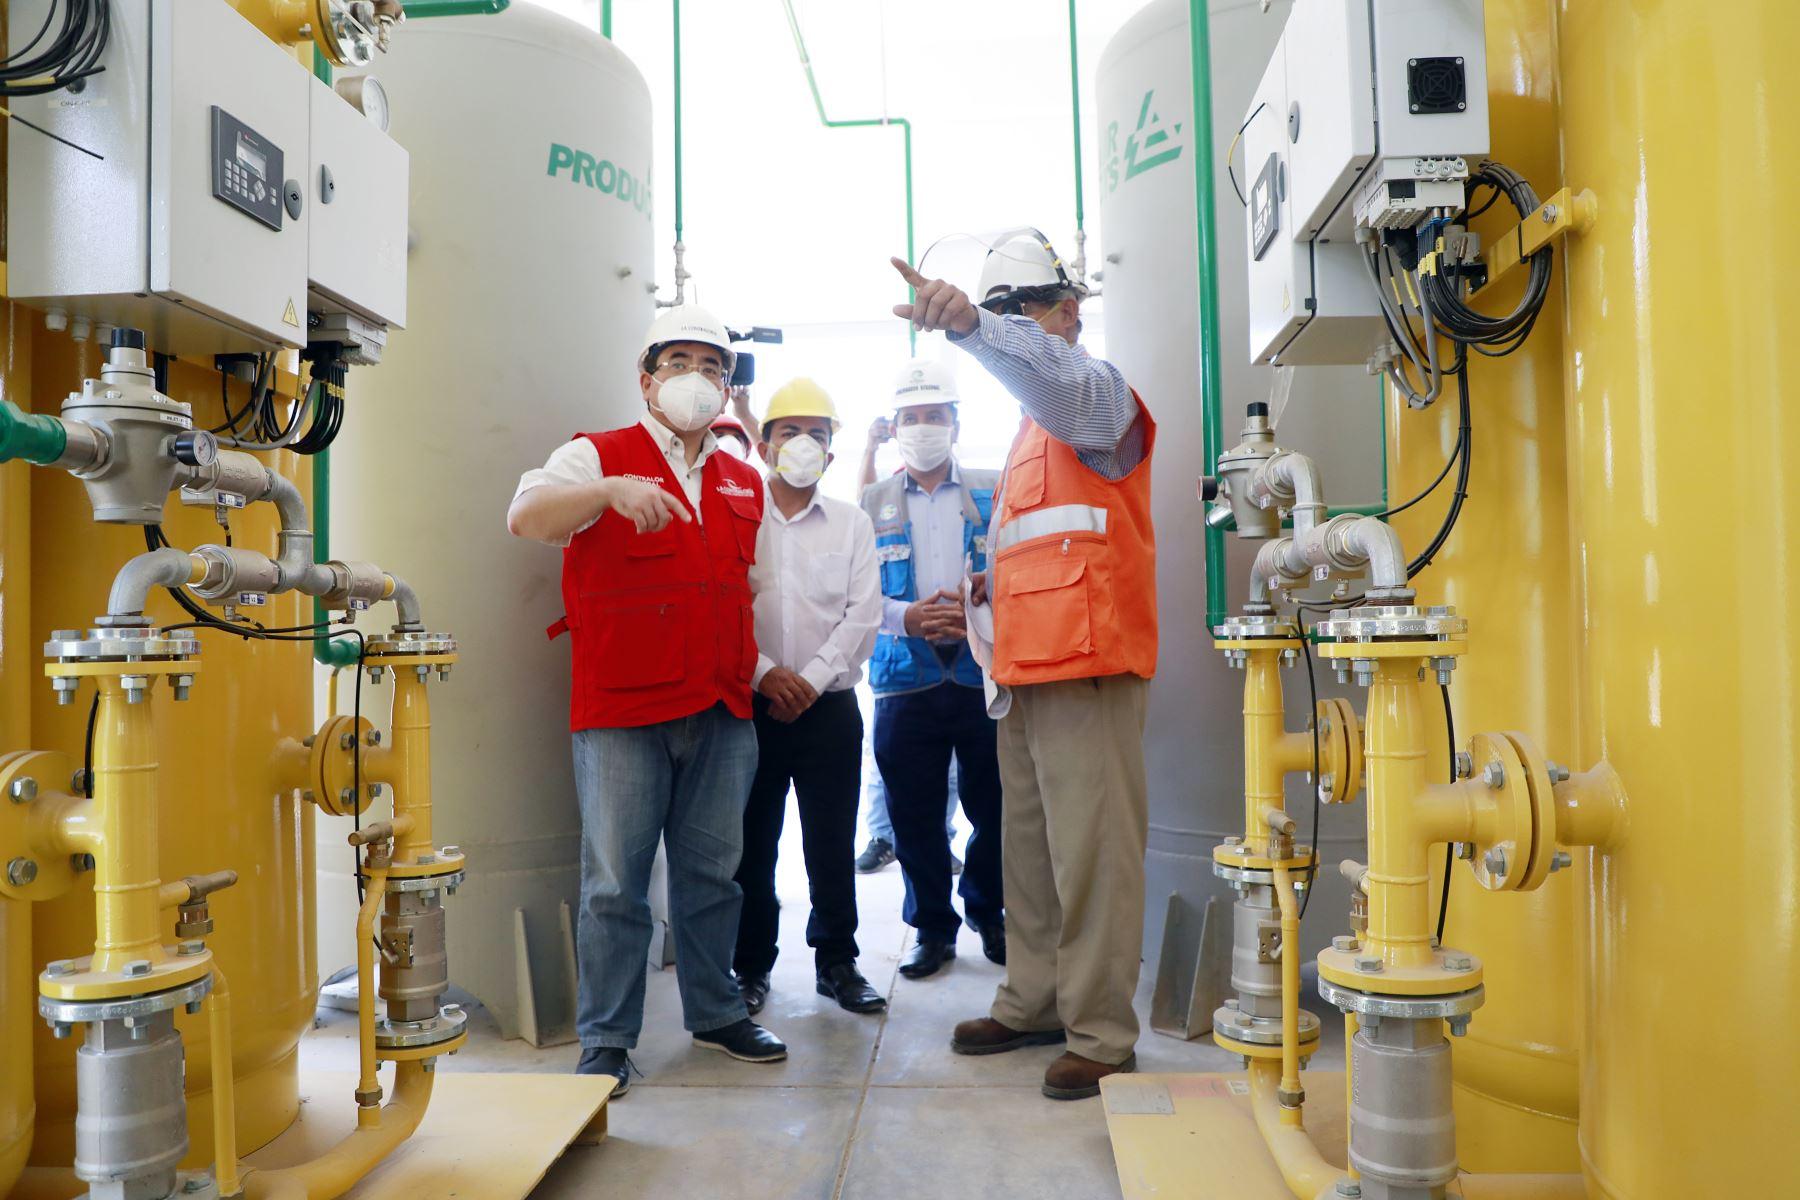 Contralor General, Nelson Shack, visita la región Ucayali para supervisar situación de la planta de oxígeno en Hospital Regional de Pucallpa. Foto: Contraloría